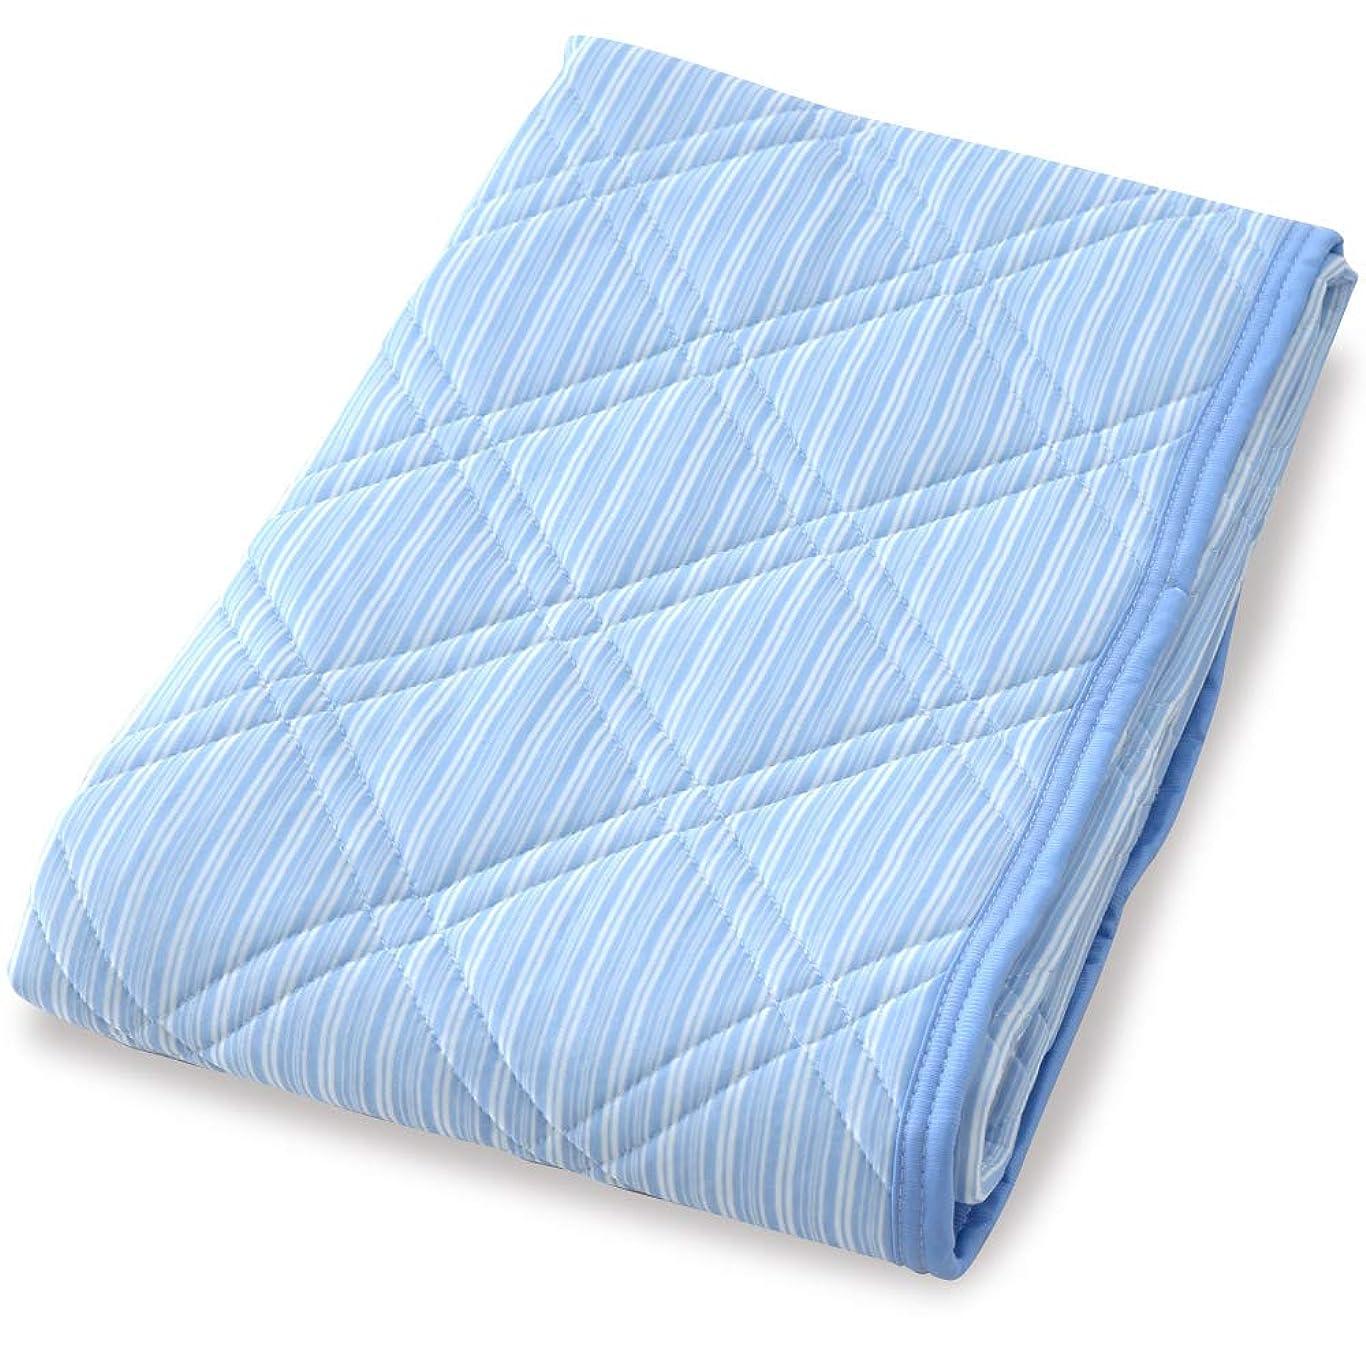 香りスカイスポーツの試合を担当している人寝具のドリーム 冷感 敷きパッド シングル 約100×205cm ひんやり 裏面メッシュ構造 通気性抜群 洗える (シングル, ネイビーブルー)